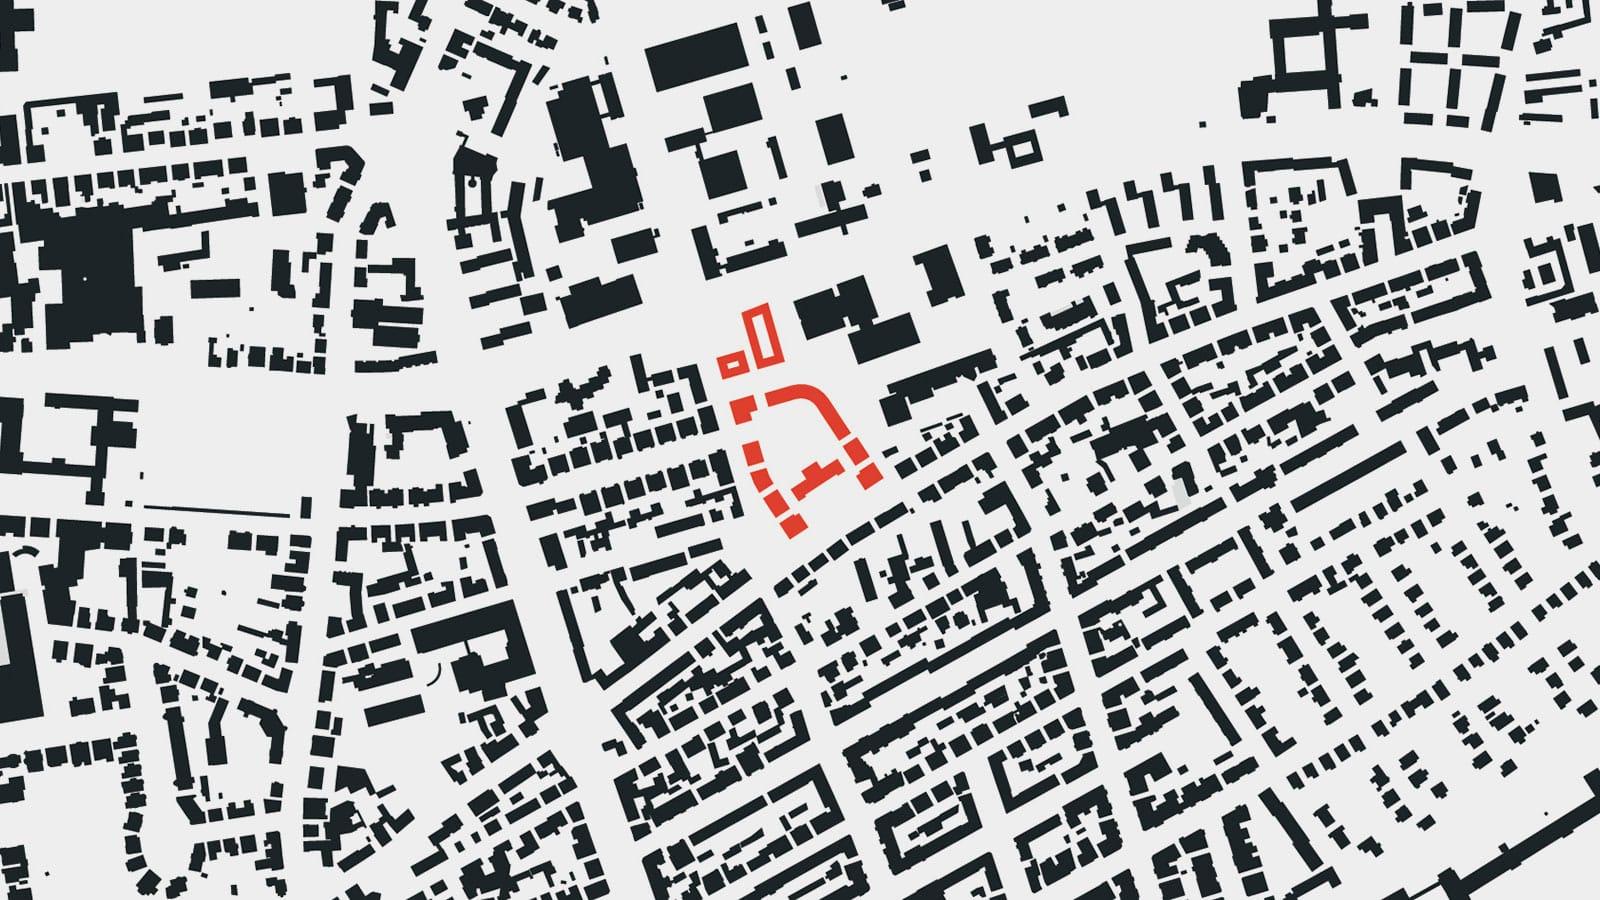 Baufirmen Braunschweig stadtquartier langer k braunschweig giesler architekten